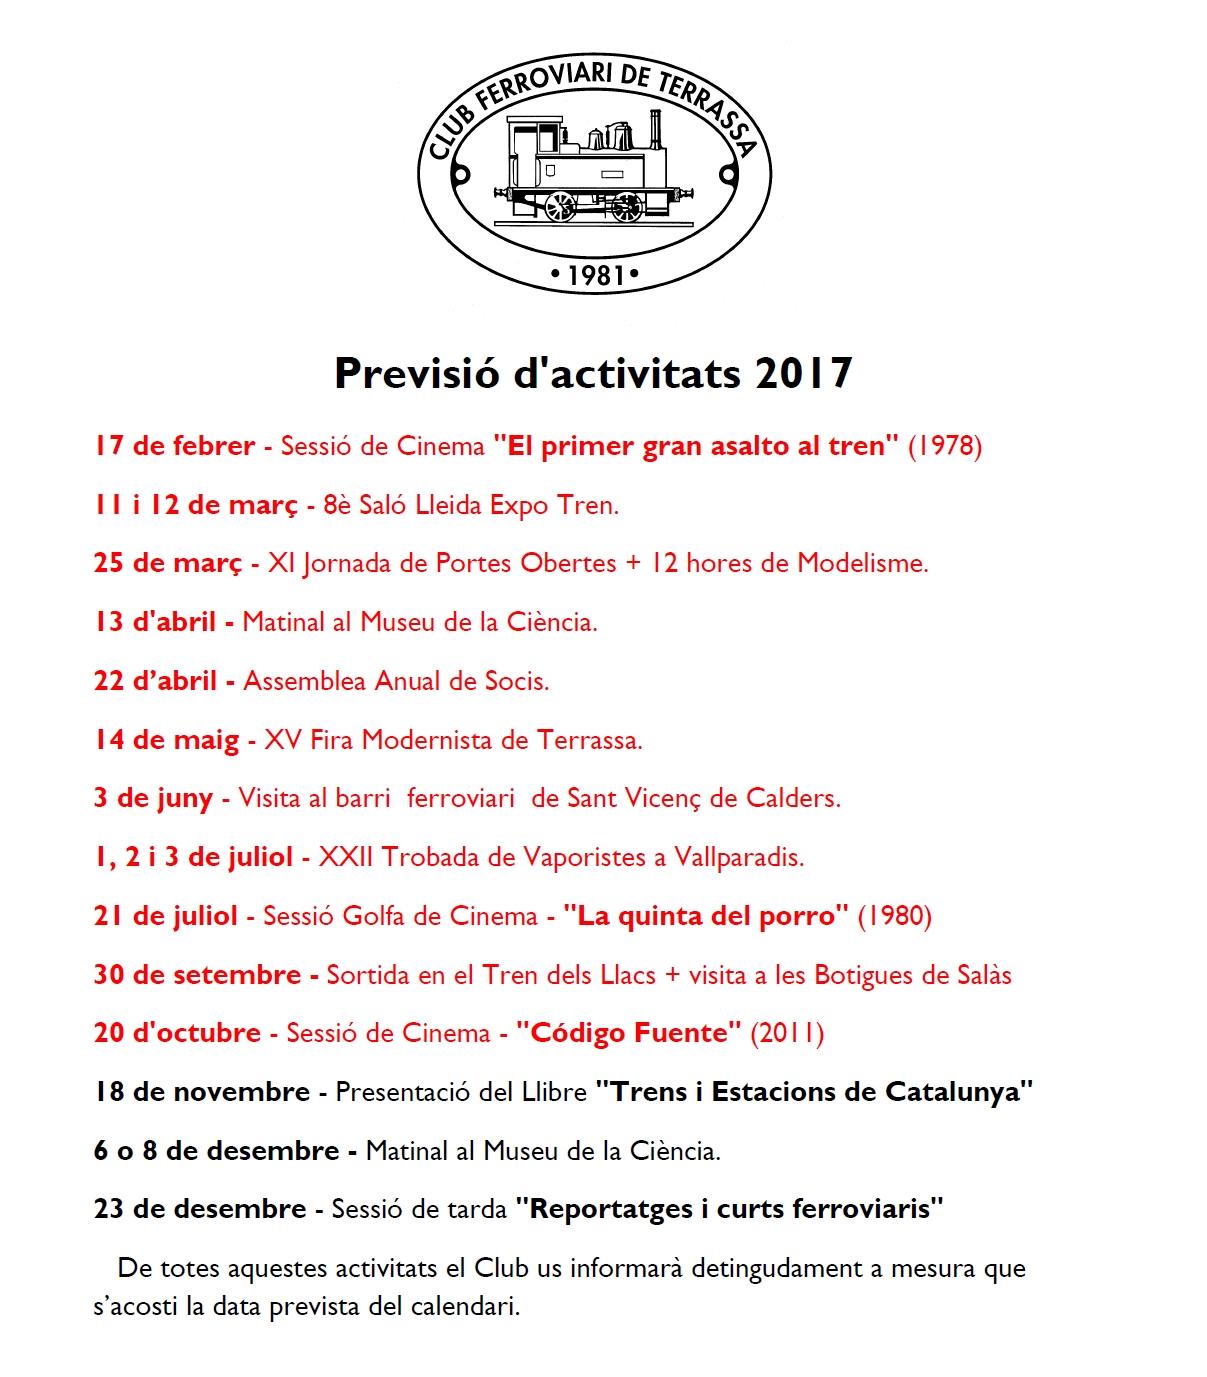 Actualització de la Previsió d'Activitats del Club Ferroviari de Terrassa. 7-NOVEMBRE-2017